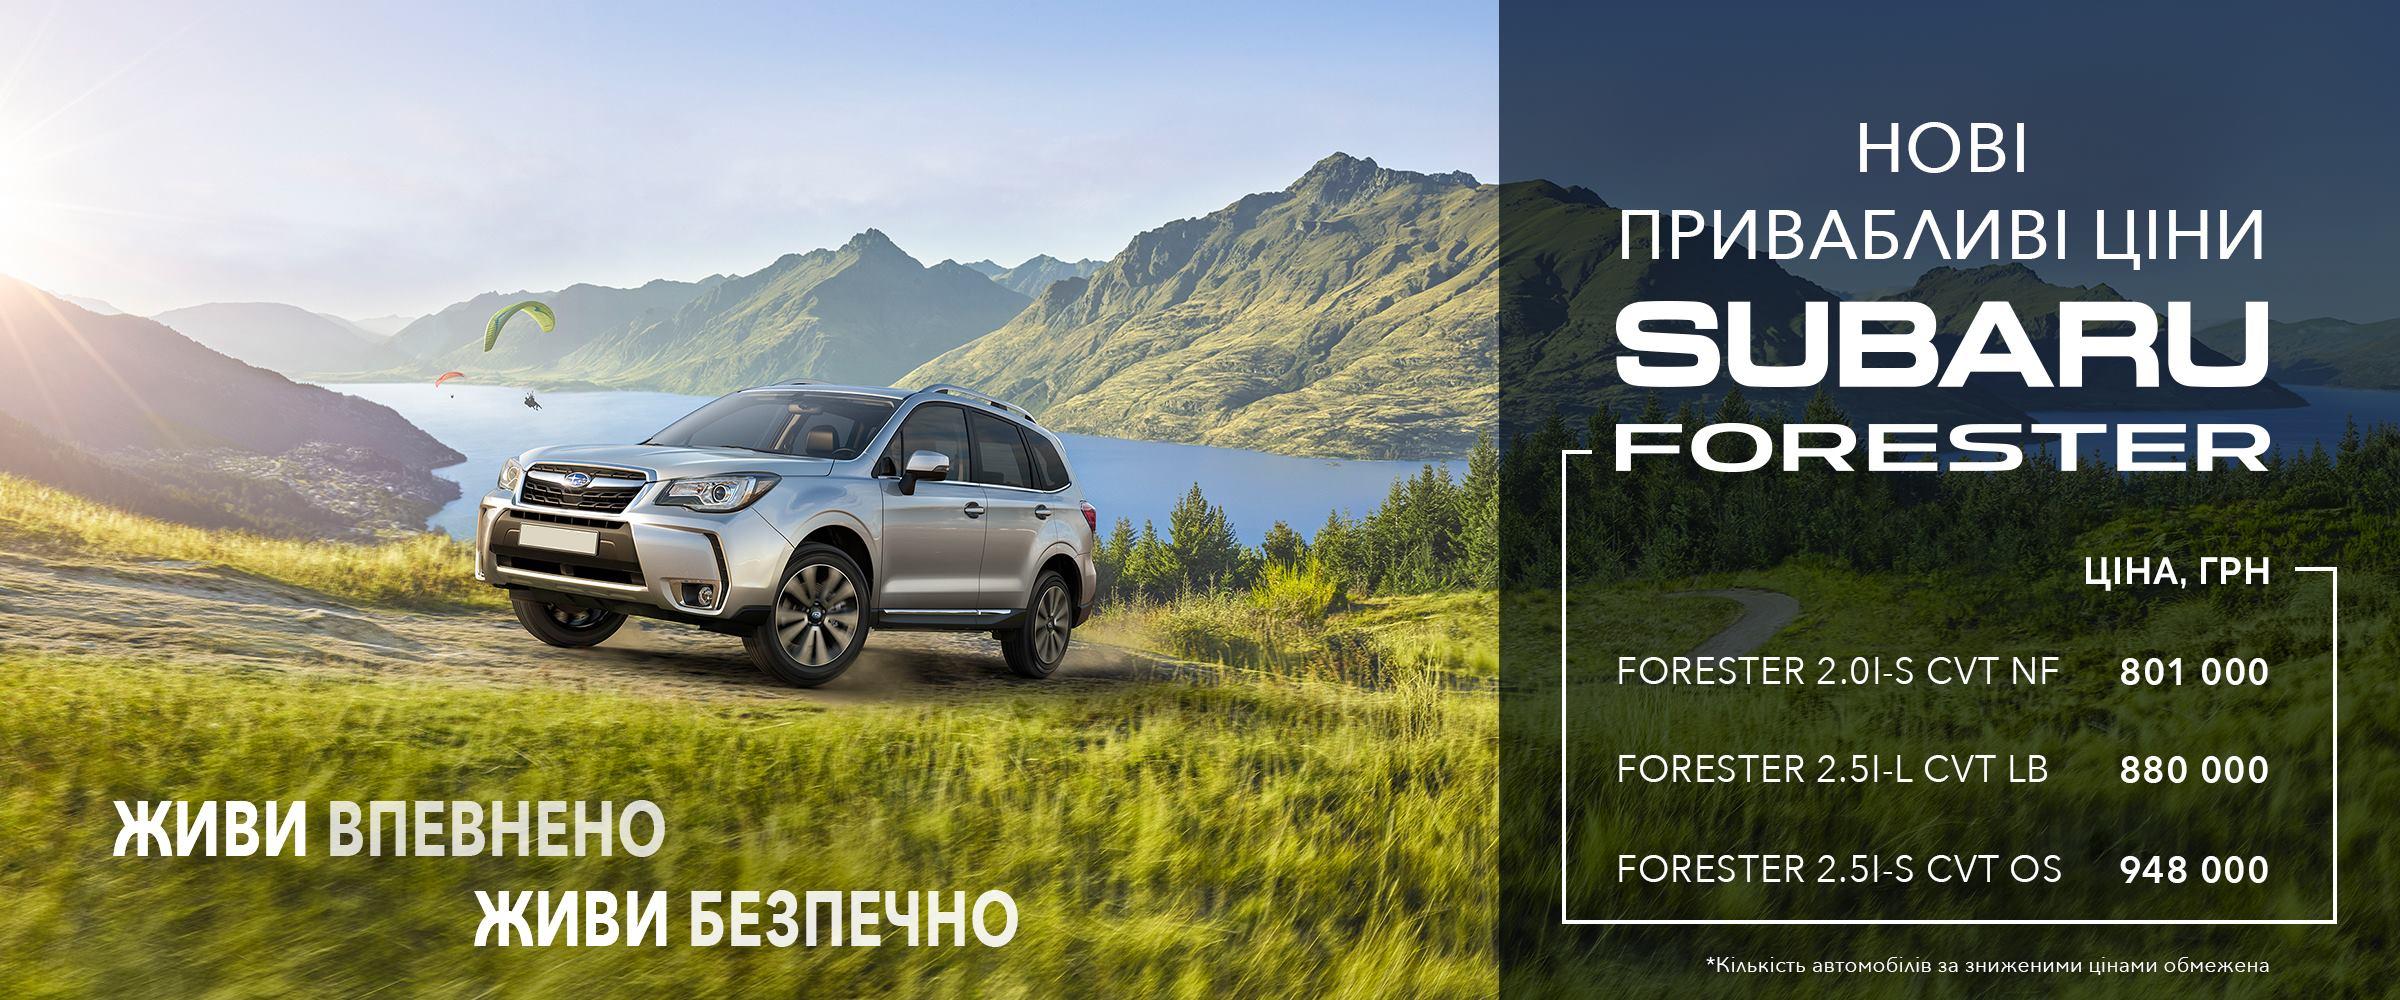 Встречайте весну с Subaru Forester по более выгодной цене